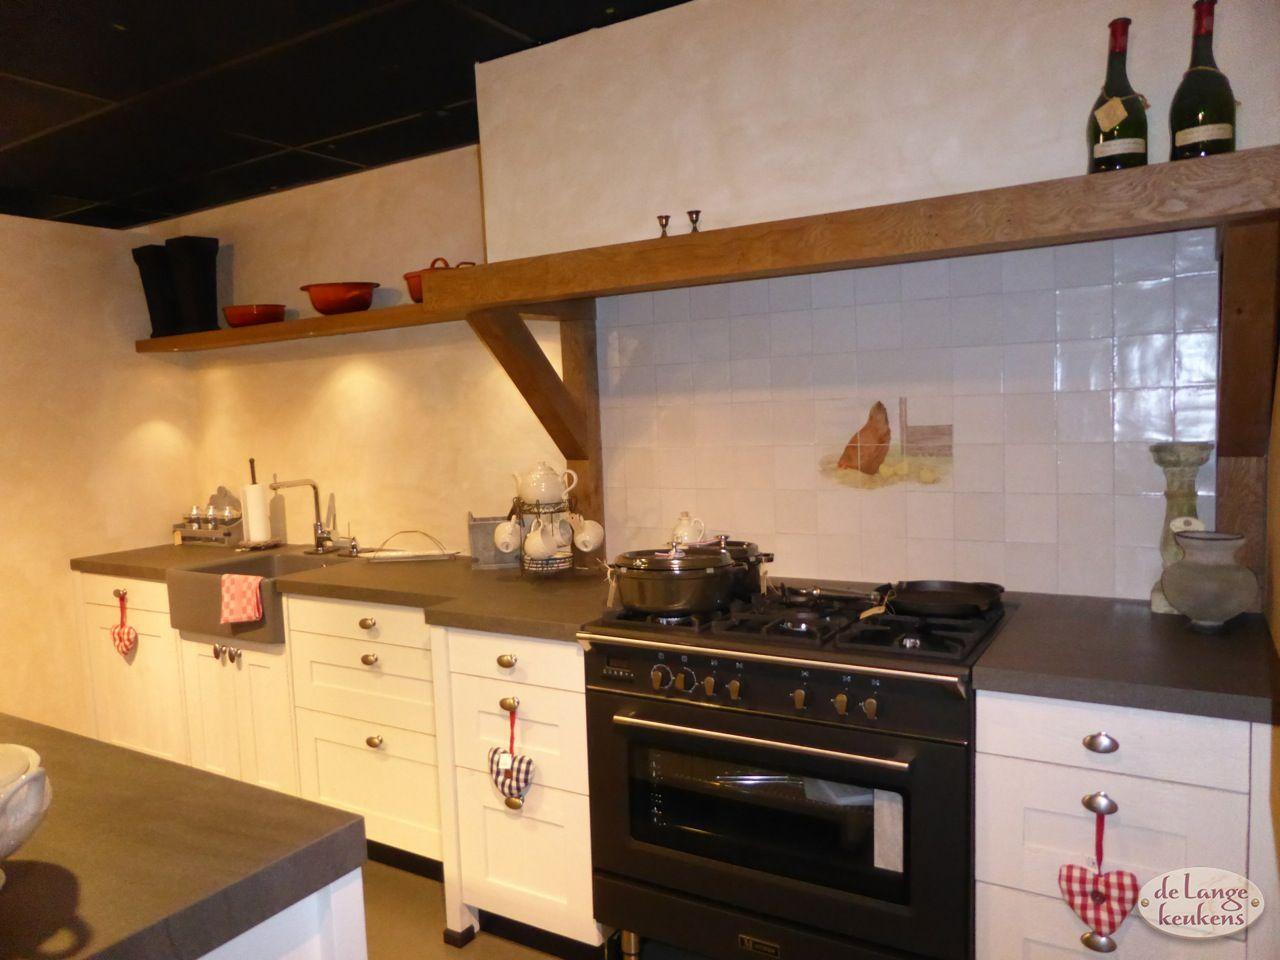 New Keuken inspiratie: landelijk met kookeiland - De Lange Keukens @JR05